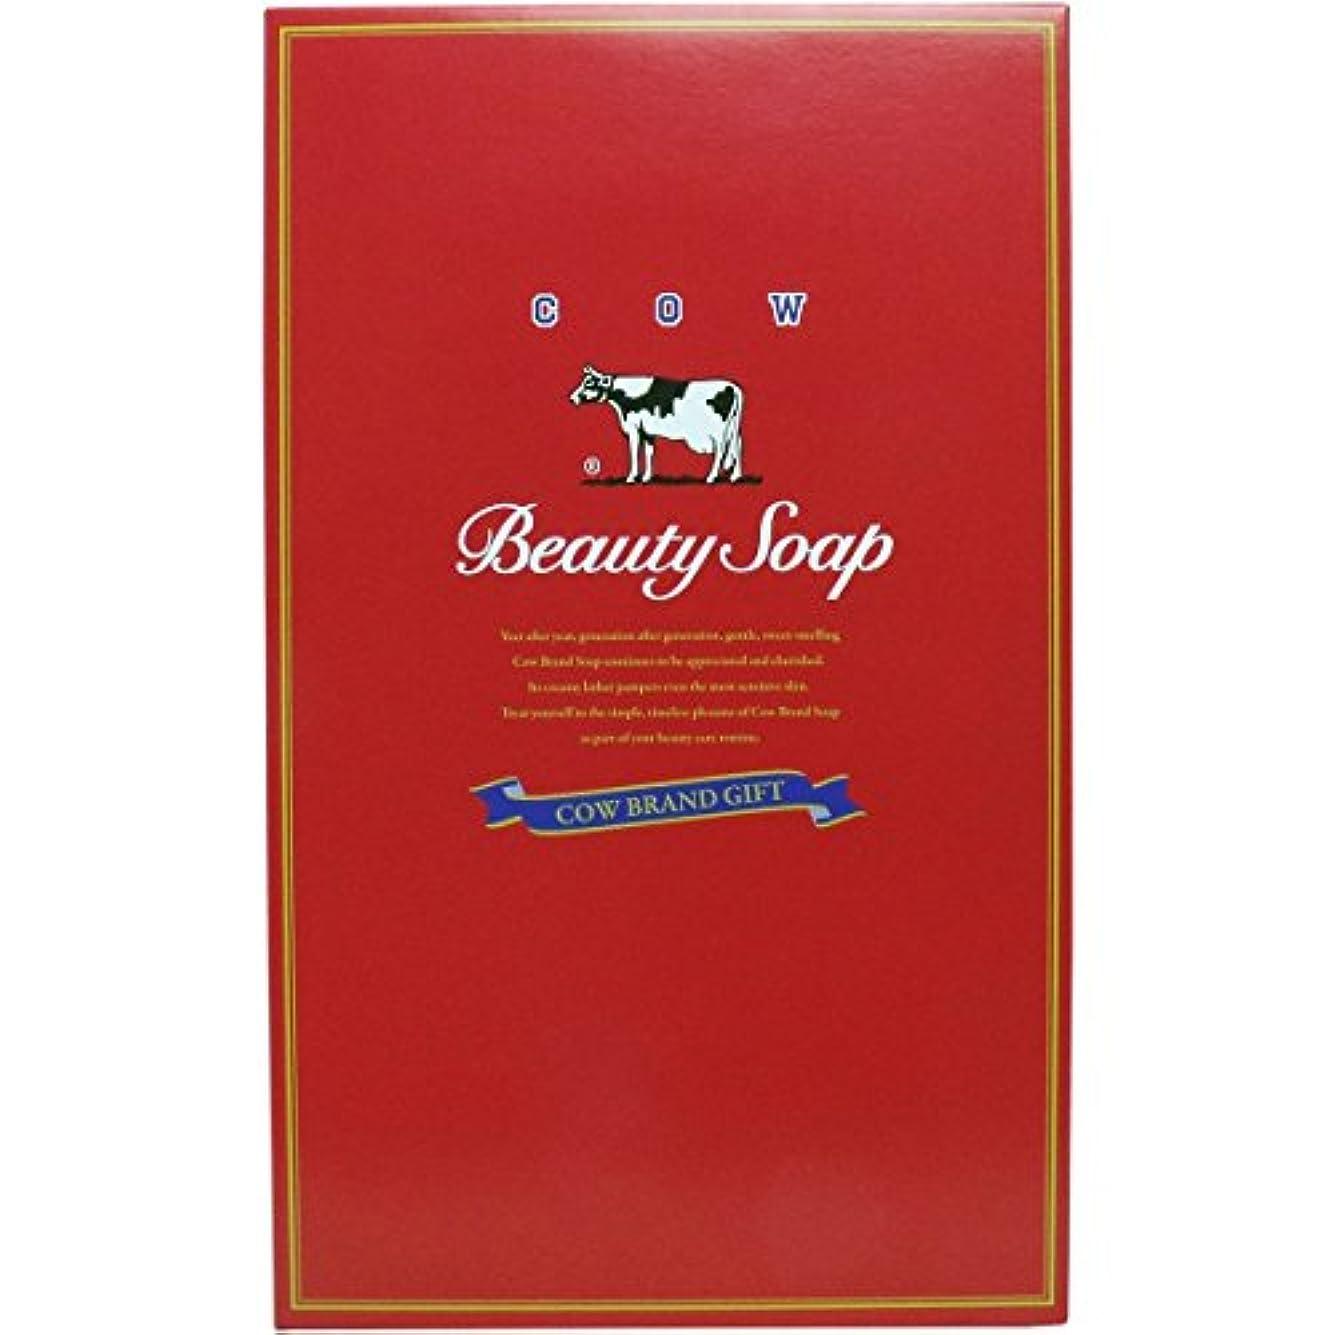 原始的な謎めいたほんの牛乳石鹸共進社 カウブランド石鹸 赤箱 100g×10個×16箱